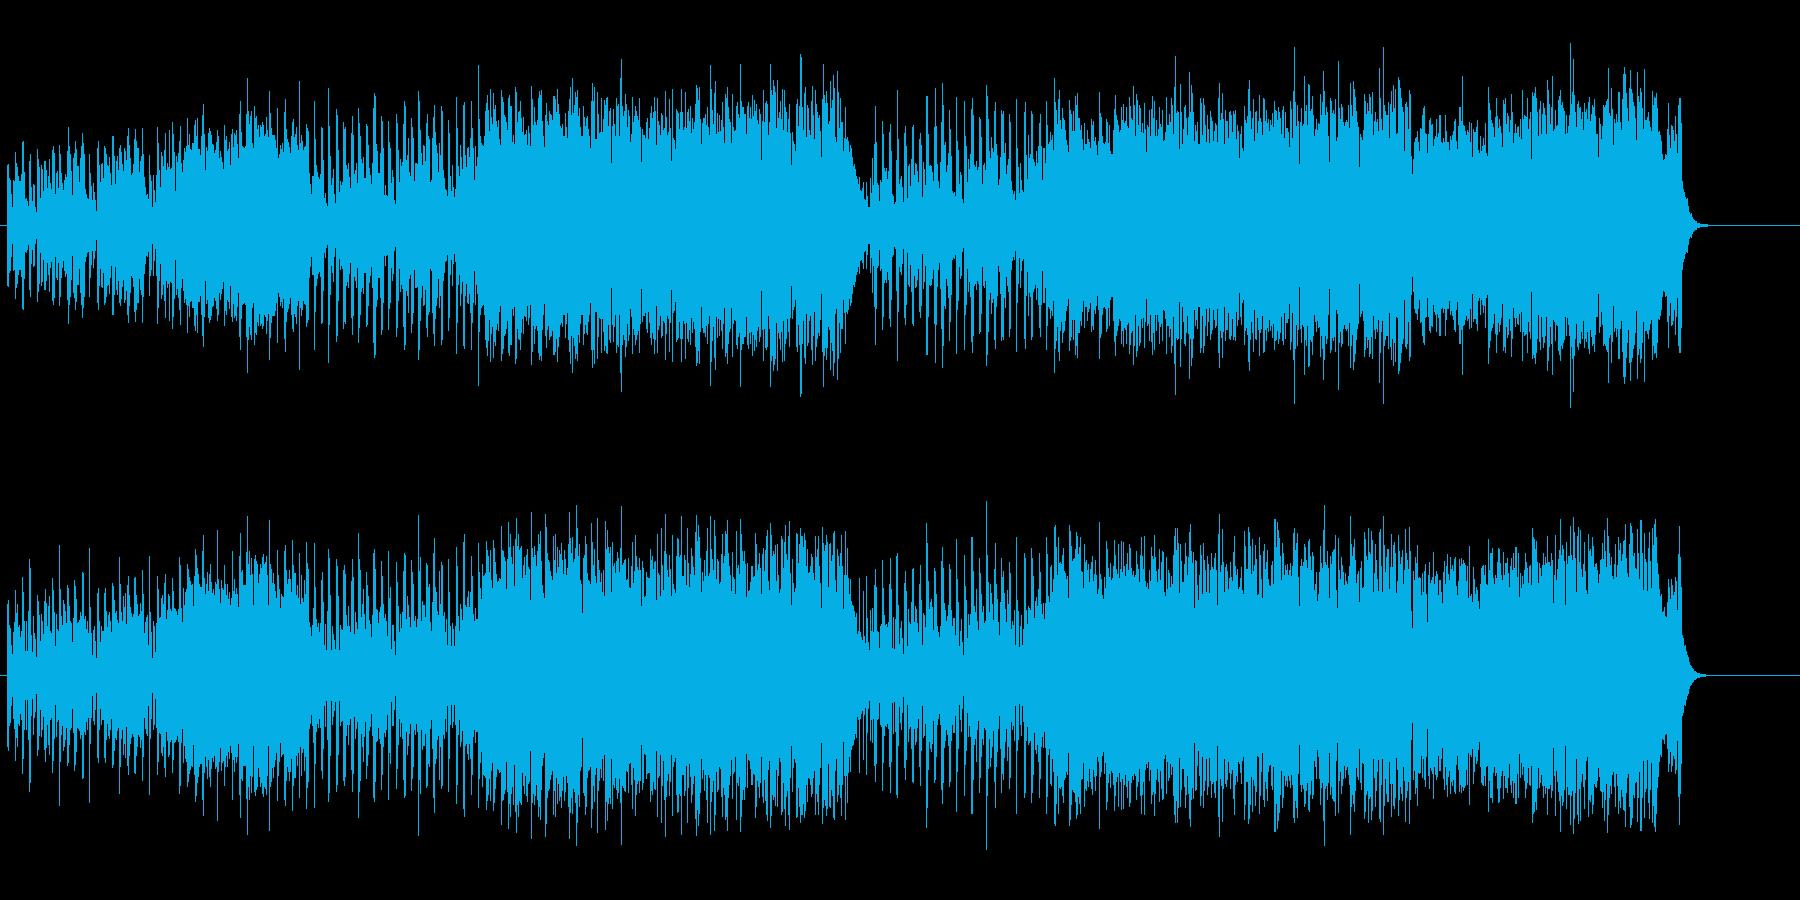 ユーモアとウィットに富んだキテレツの再生済みの波形